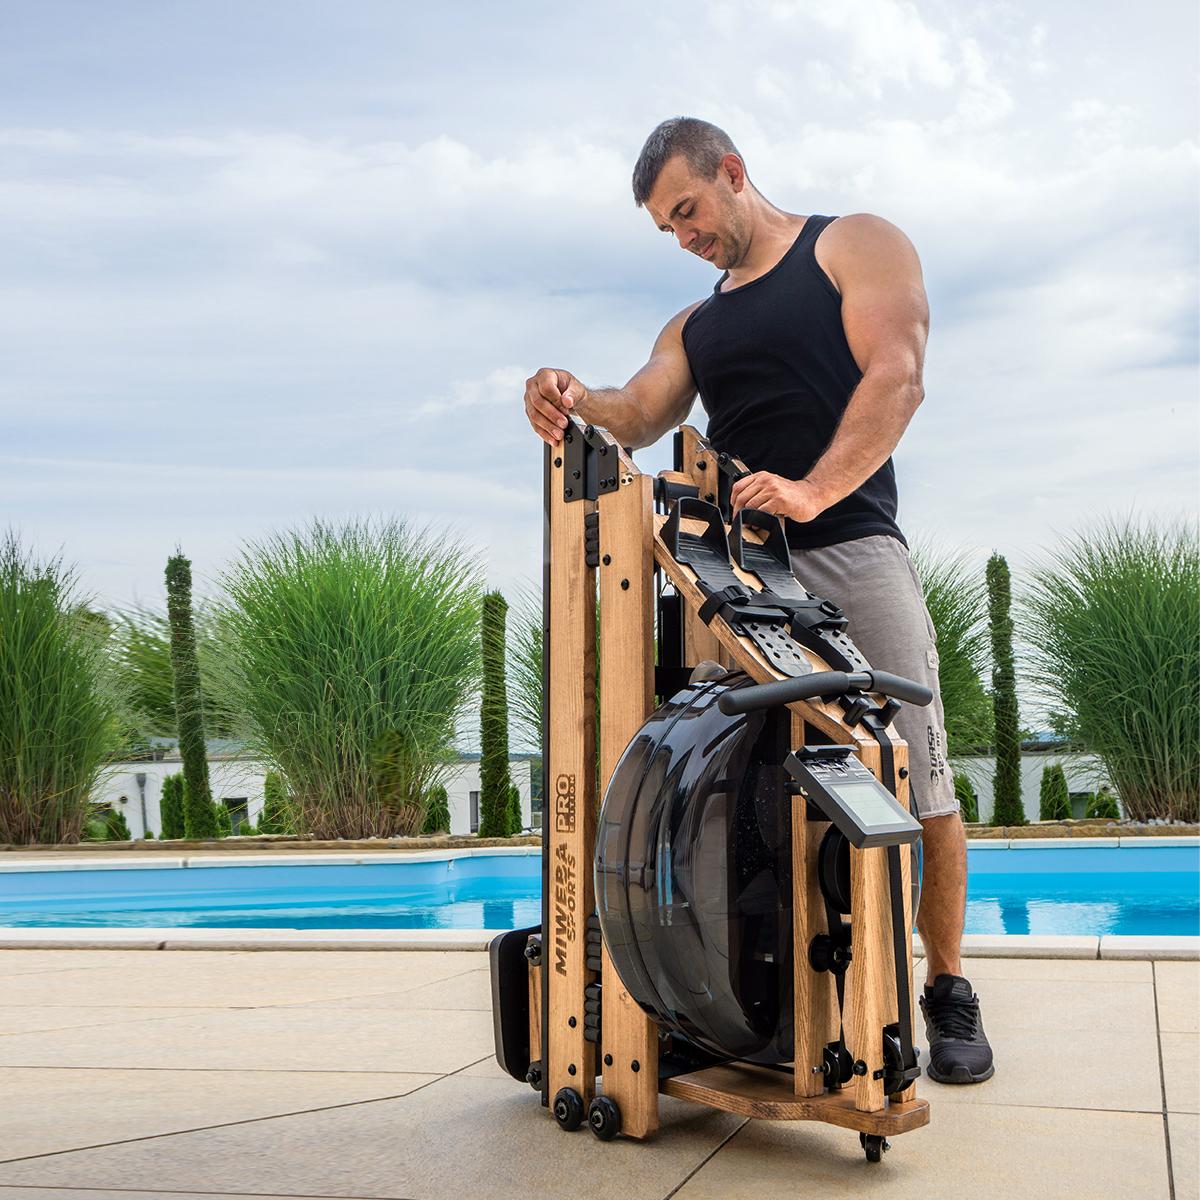 Sportowiec ze złożoną drewnianą maszyną do wiosłowania